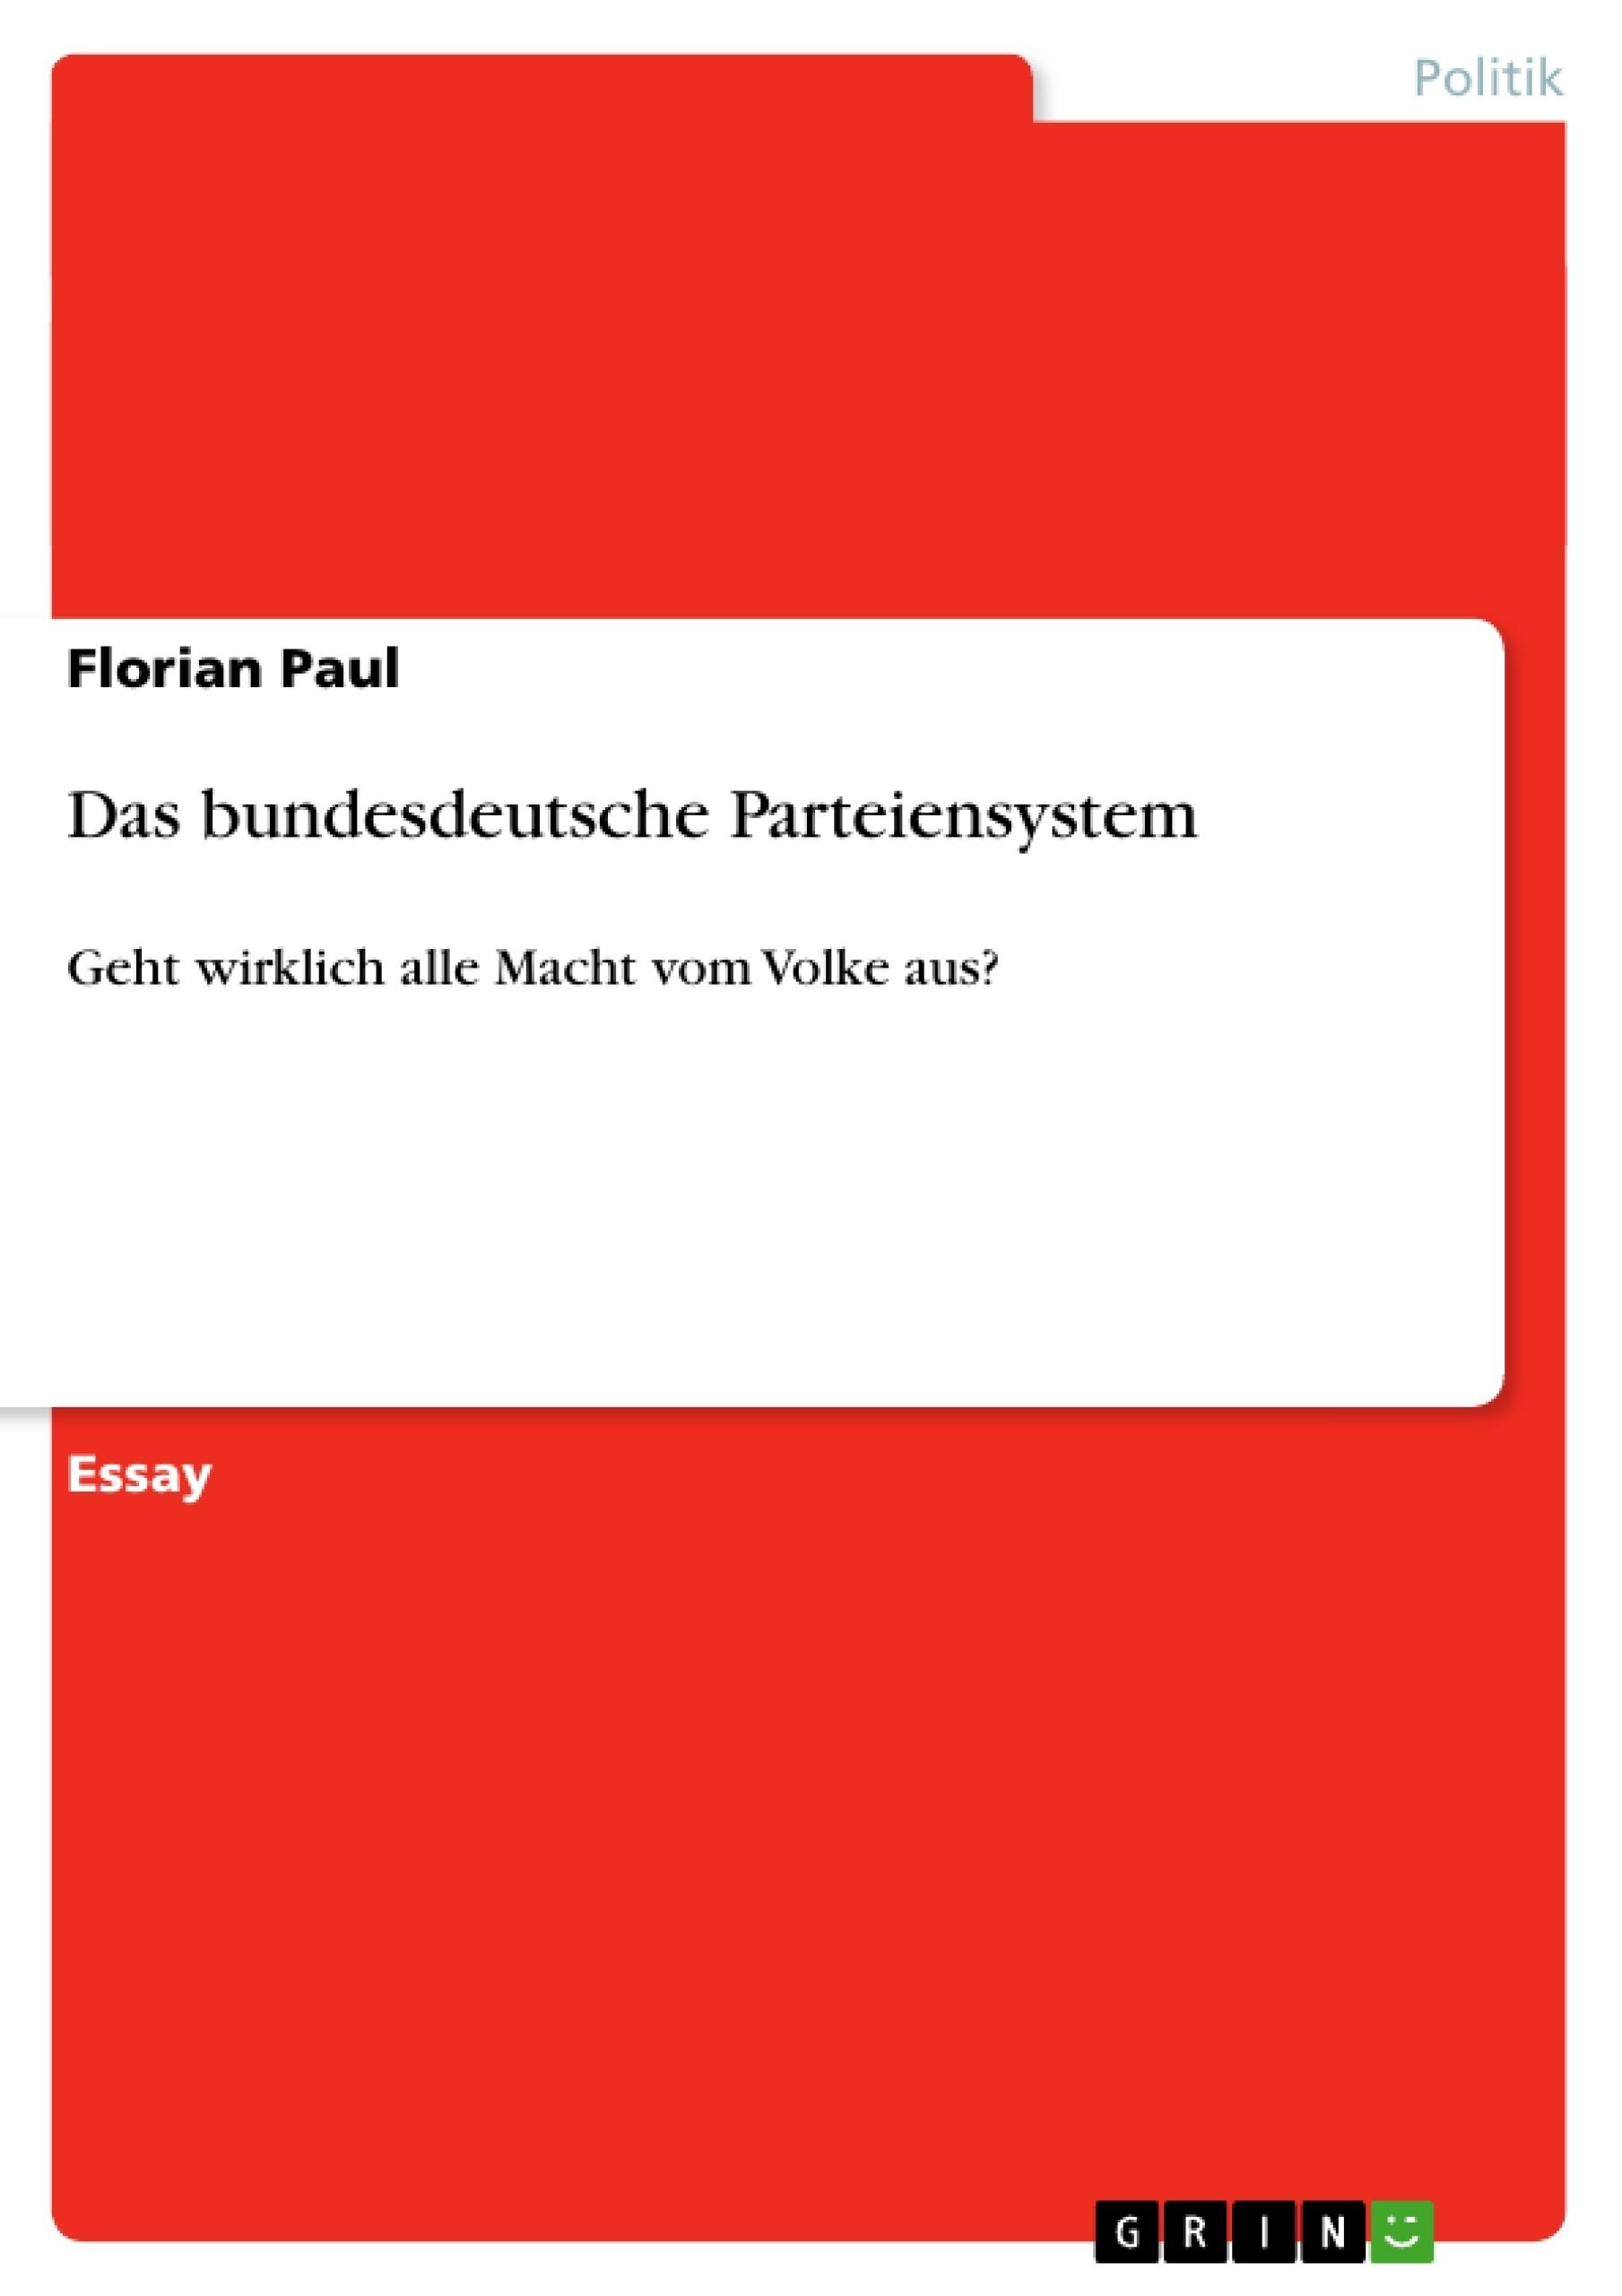 Titel: Das bundesdeutsche Parteiensystem